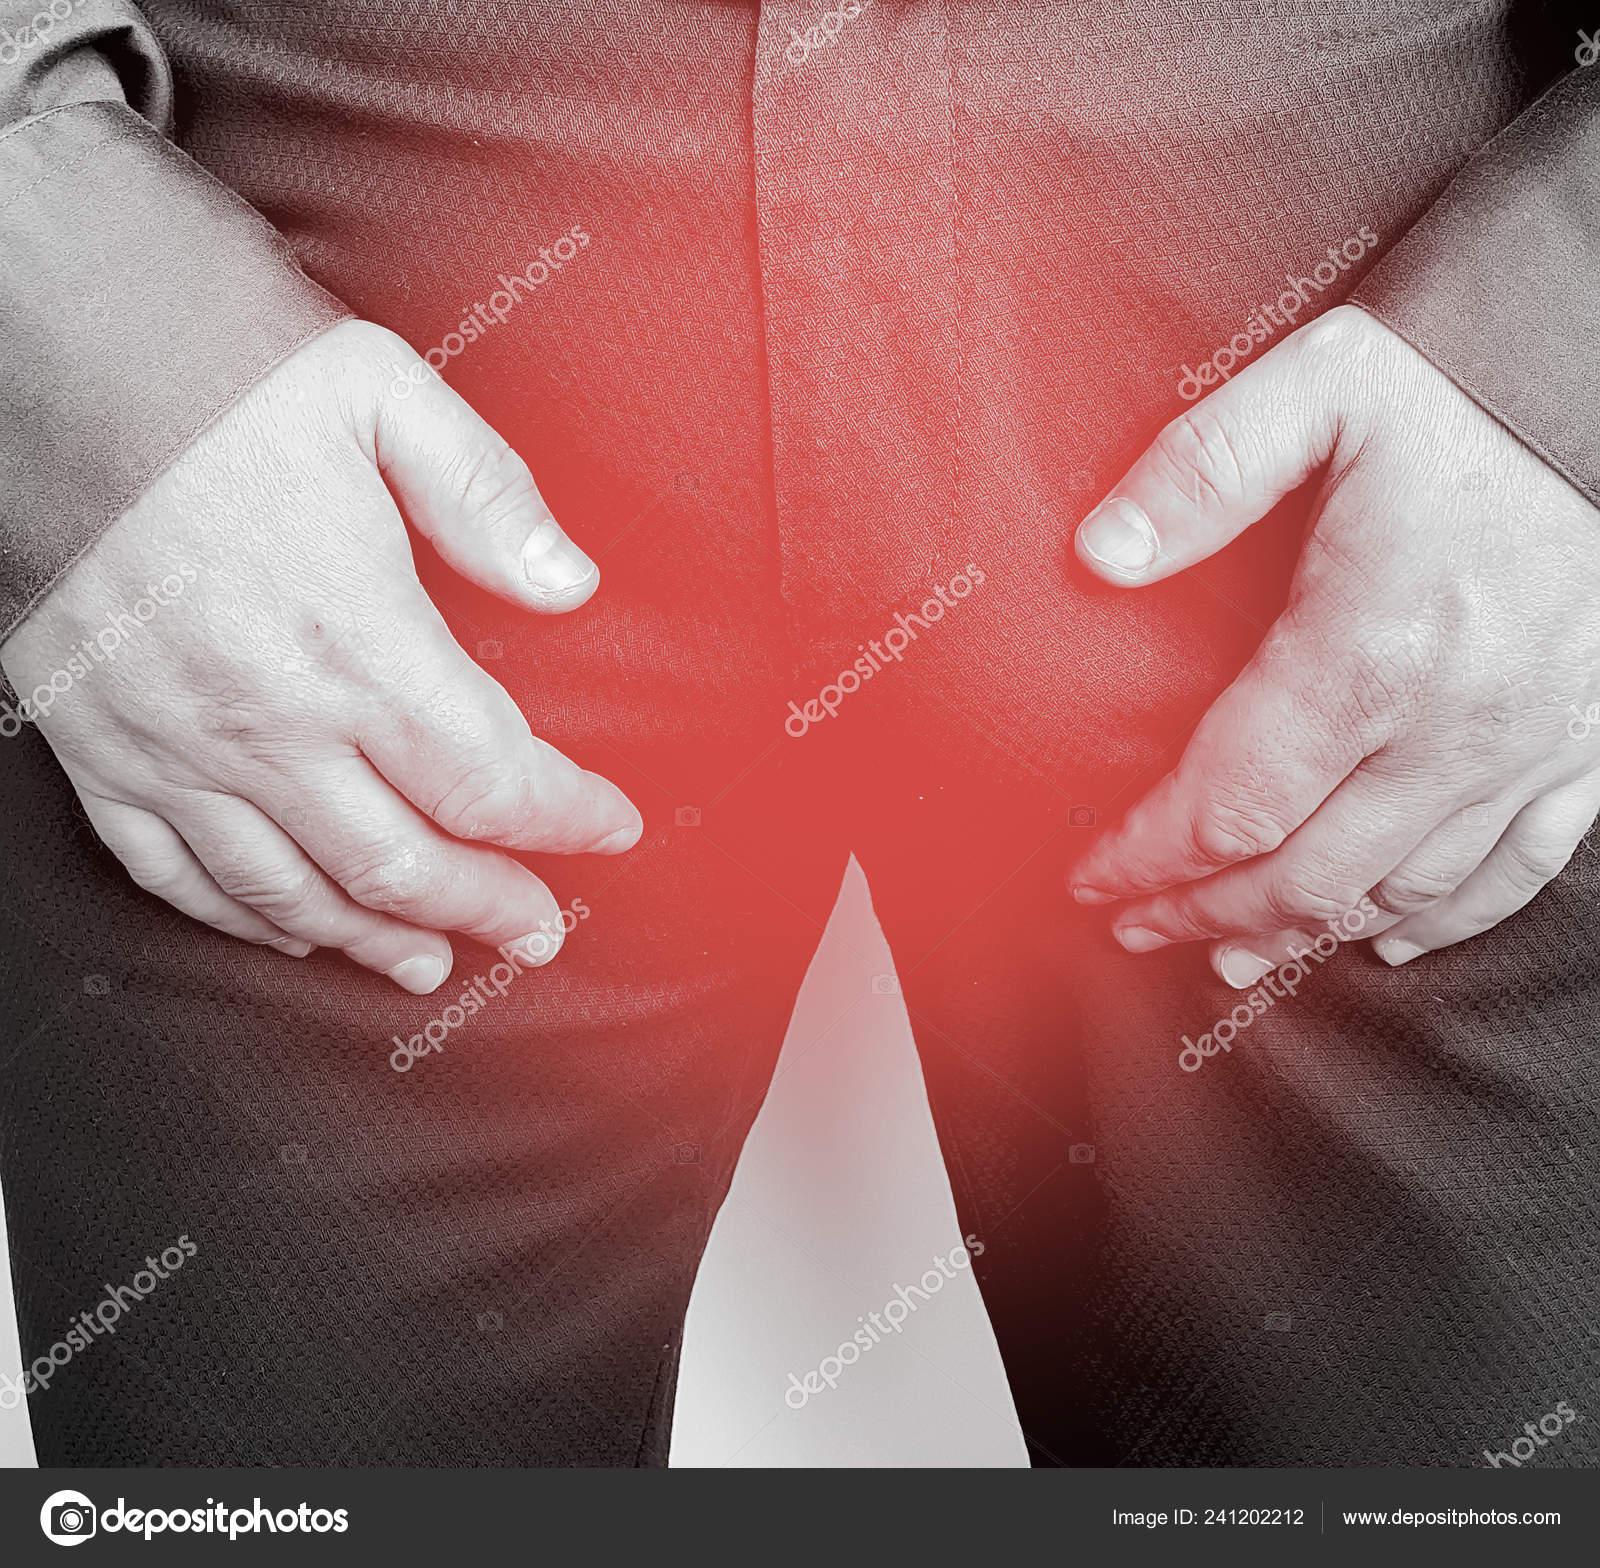 manos de prostatitis